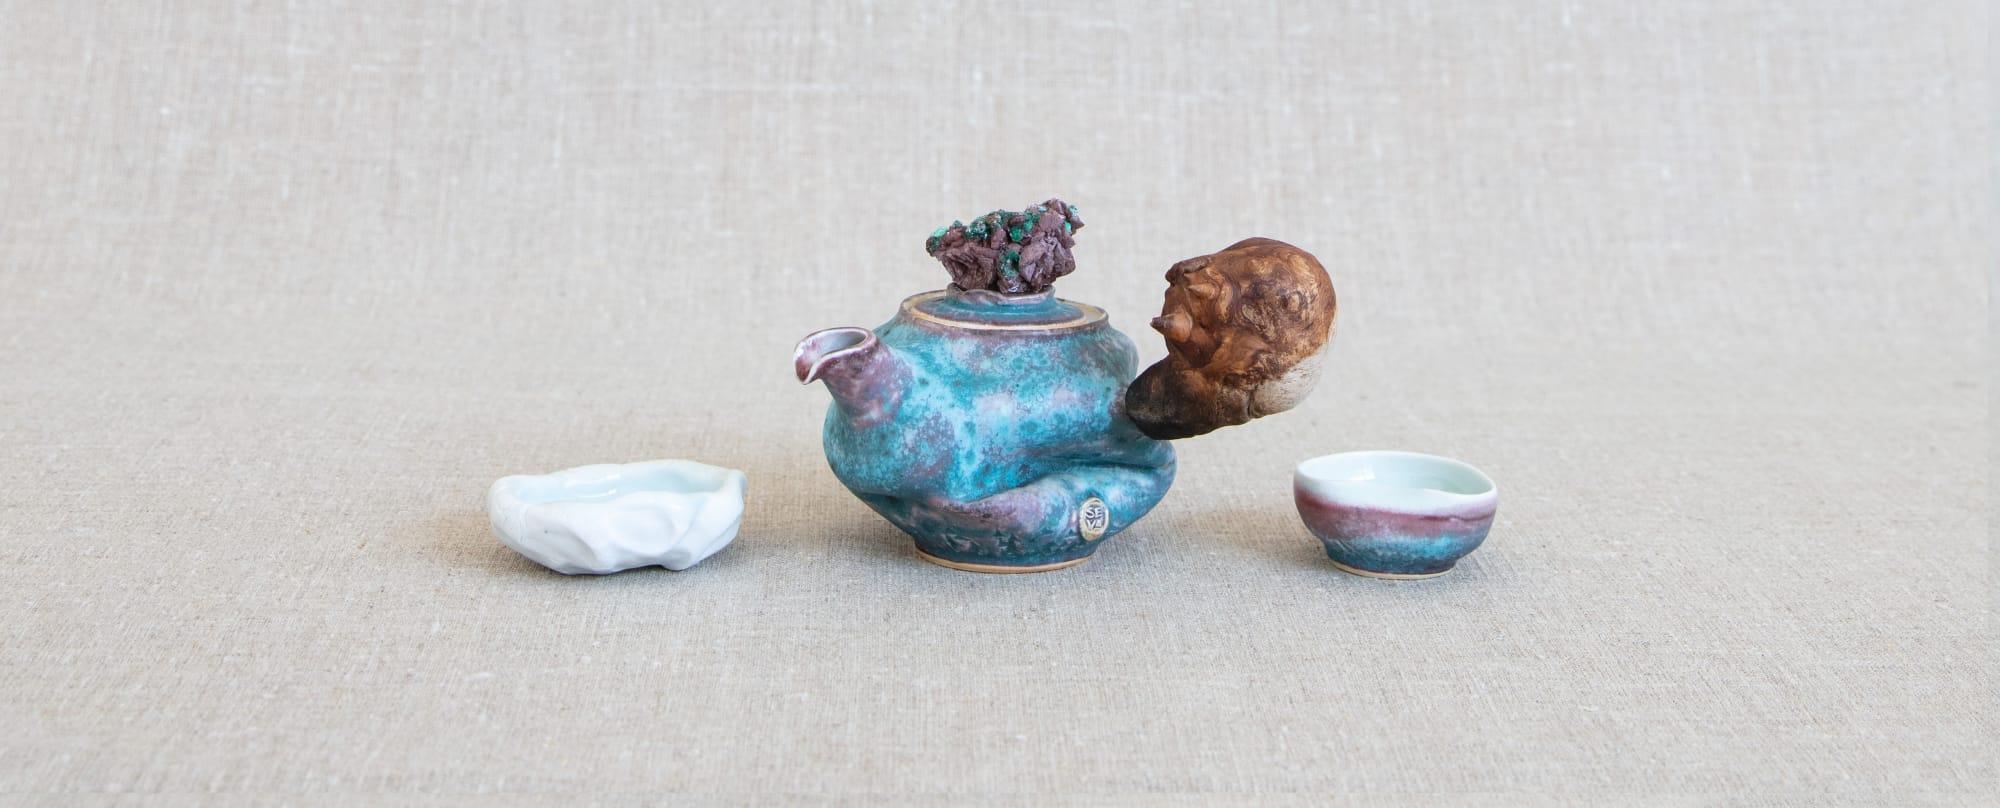 NATALYA SEVASTYANOVA: Tea Ceremony